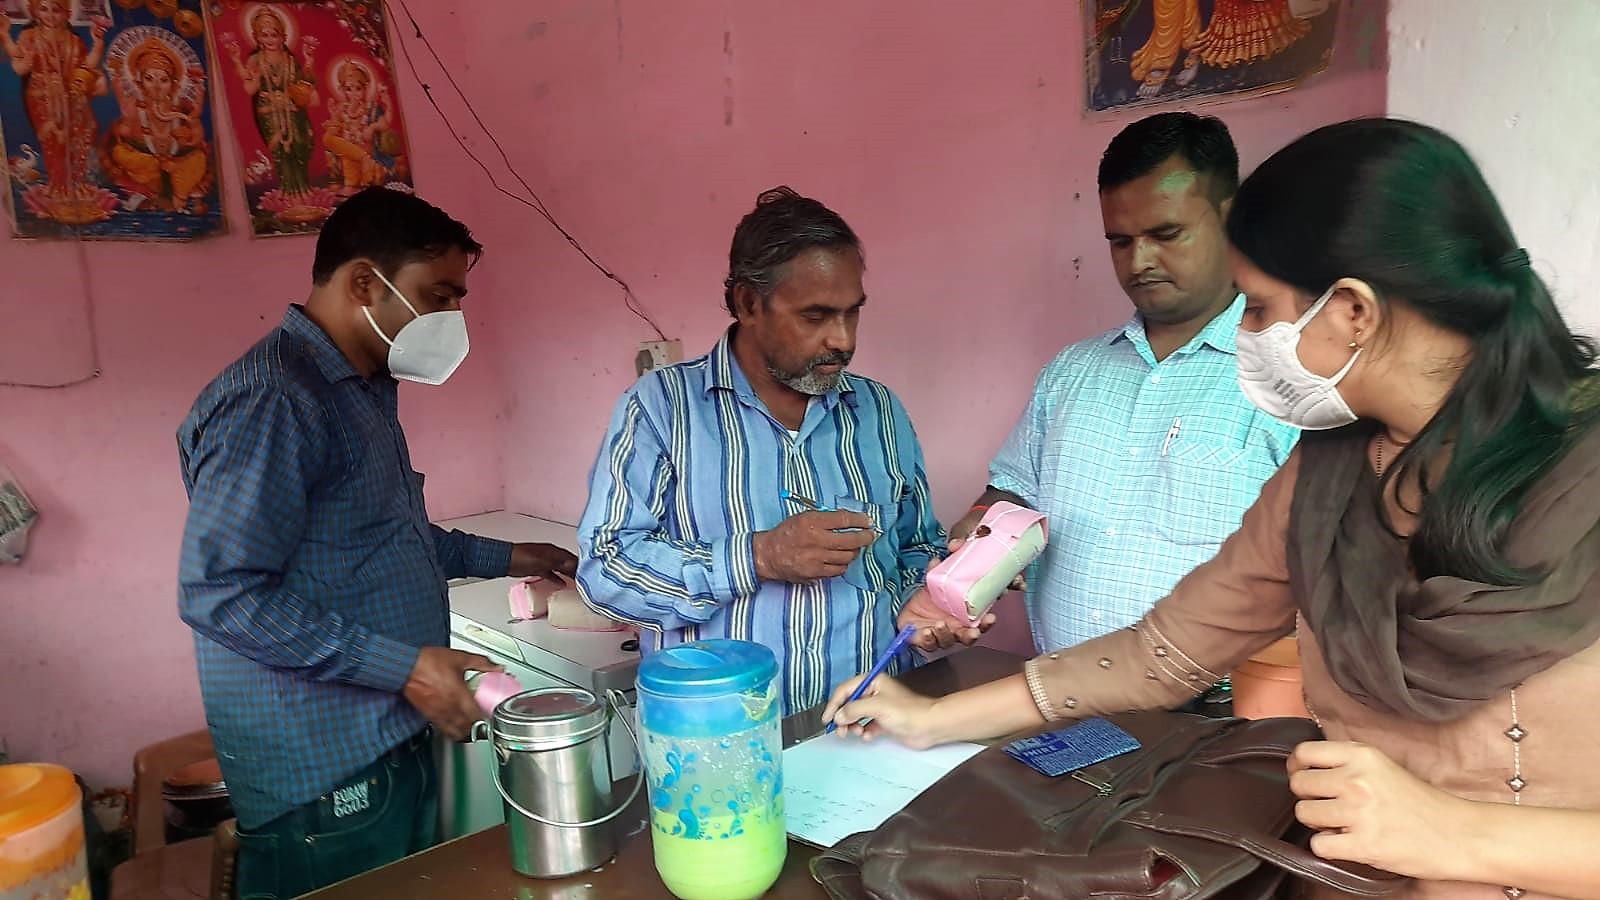 खाद्य सुरक्षा विभाग की 7 टीमों ने कई स्थानों पर की कार्रवाई, 13 सैंपल जांच के लिए कलेक्ट किए|कानपुर,Kanpur - Dainik Bhaskar